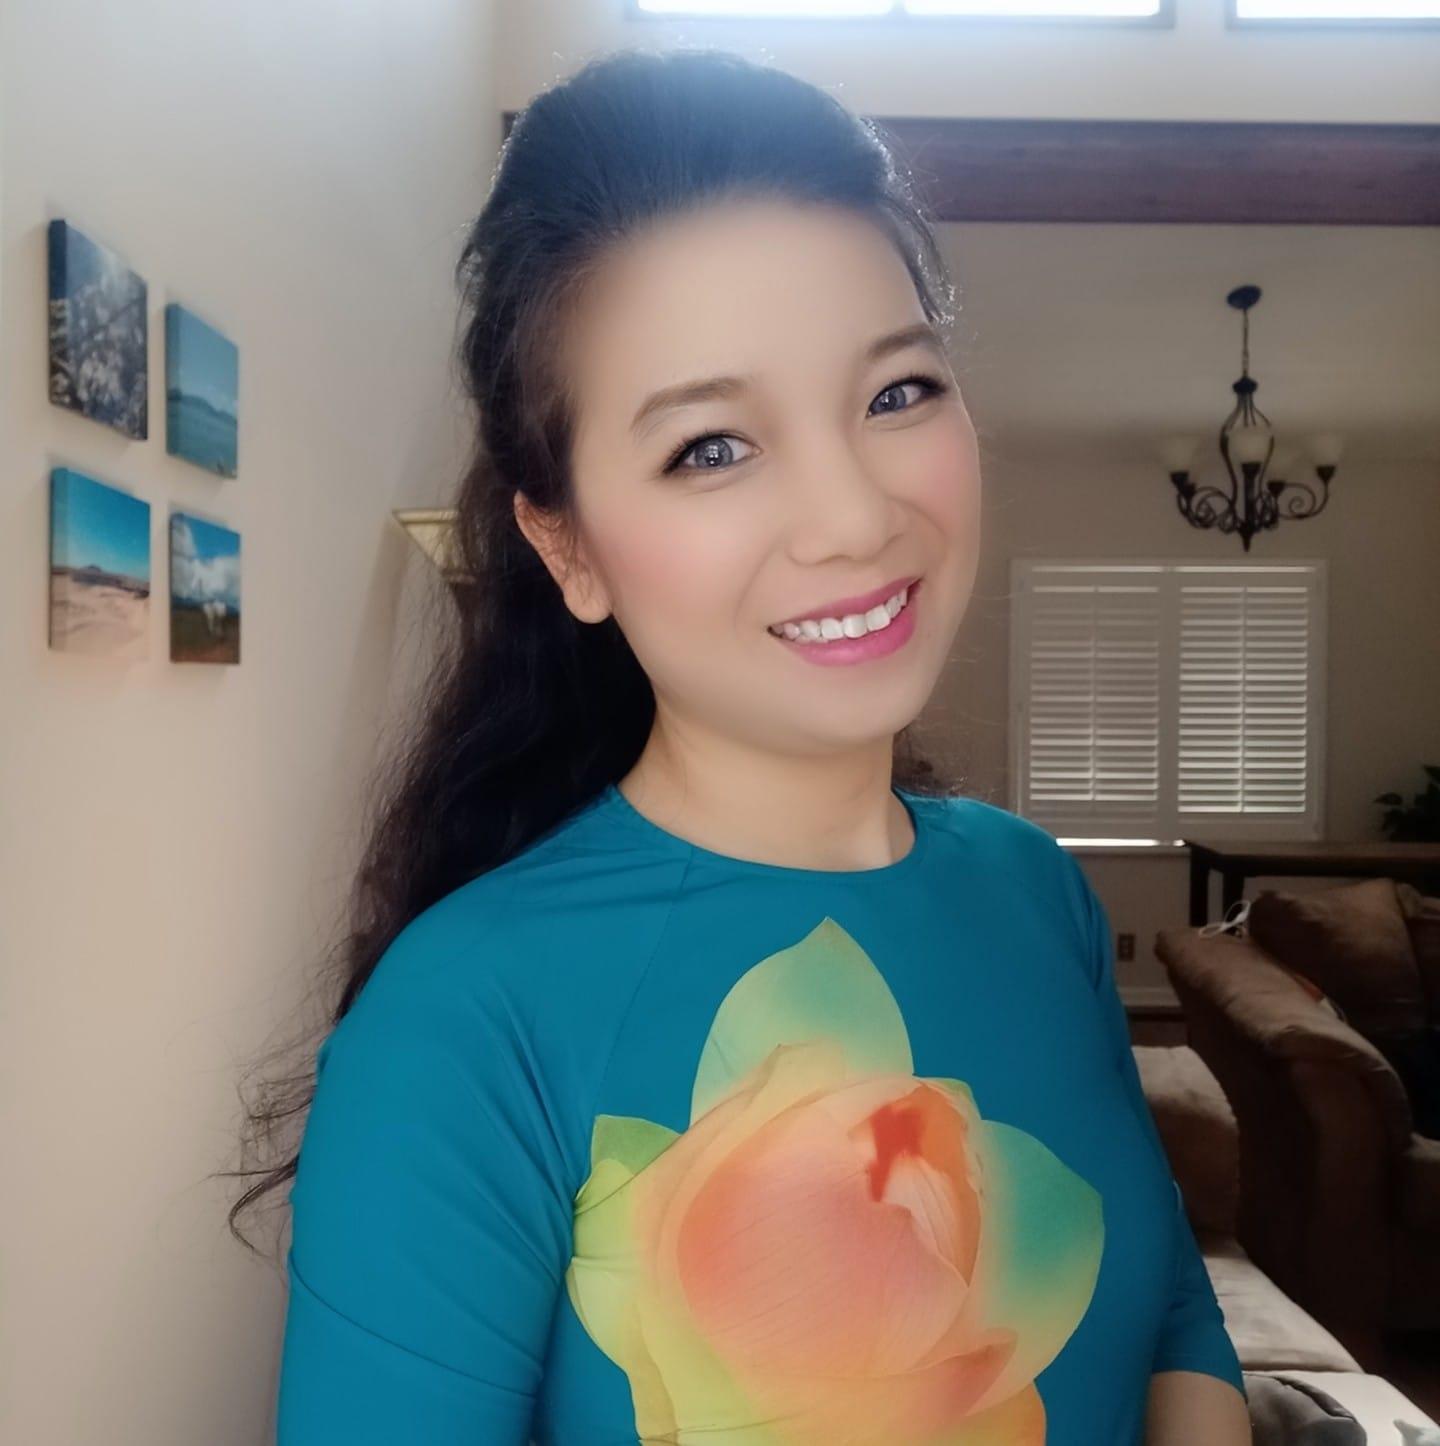 Thu Trang hiện bảo vệ luận án tiến sĩ ngành chuỗi cung ứng tại Đại học Tennessee (Knoxville), Mỹ. Ảnh: NVCC.